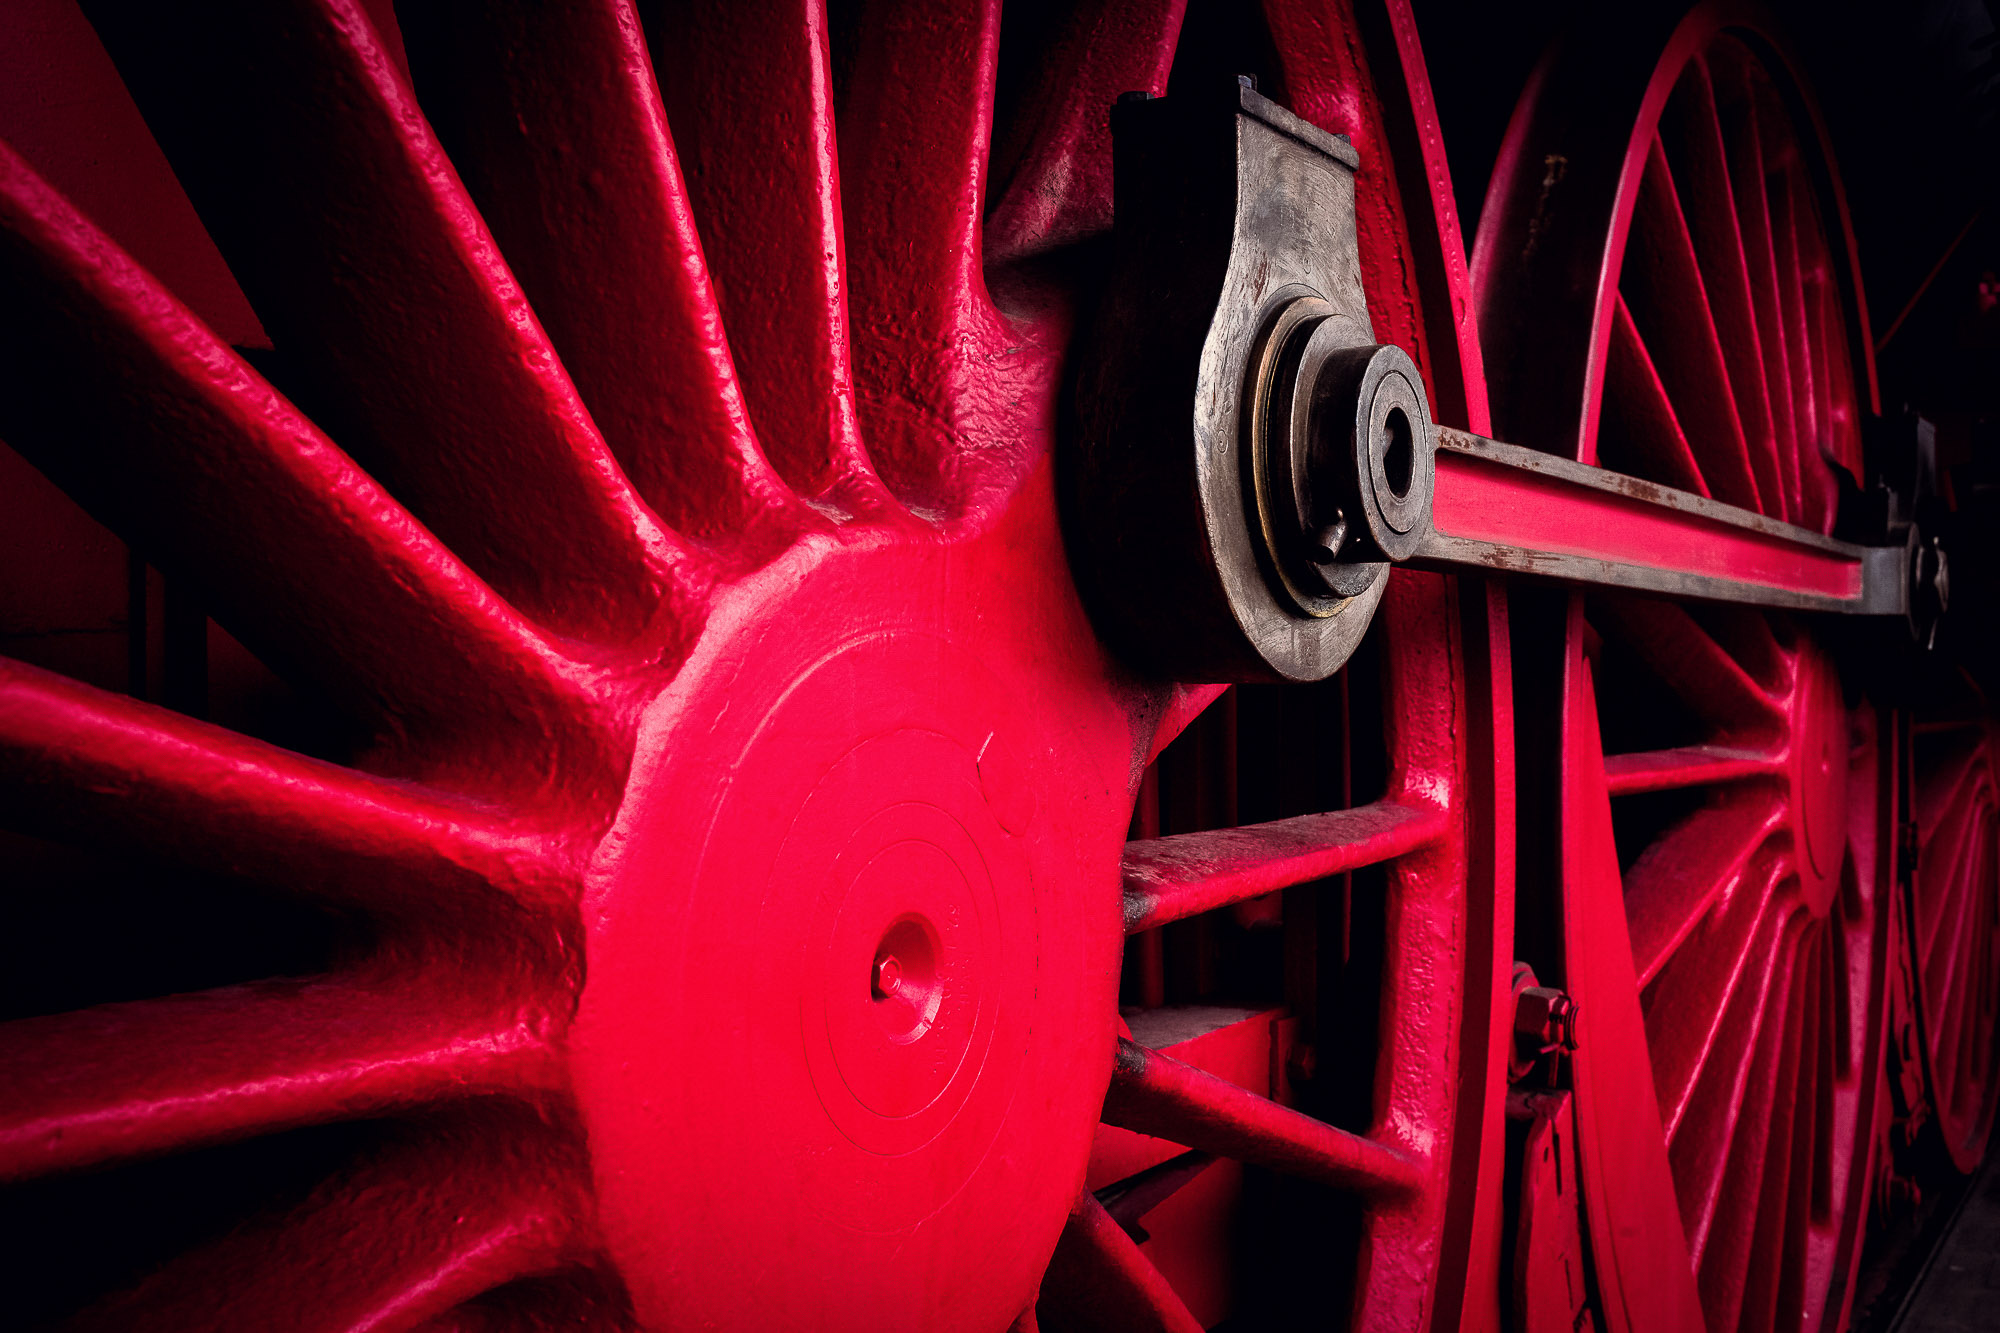 tschloss / Puff, puff, puff die Eisenbahn